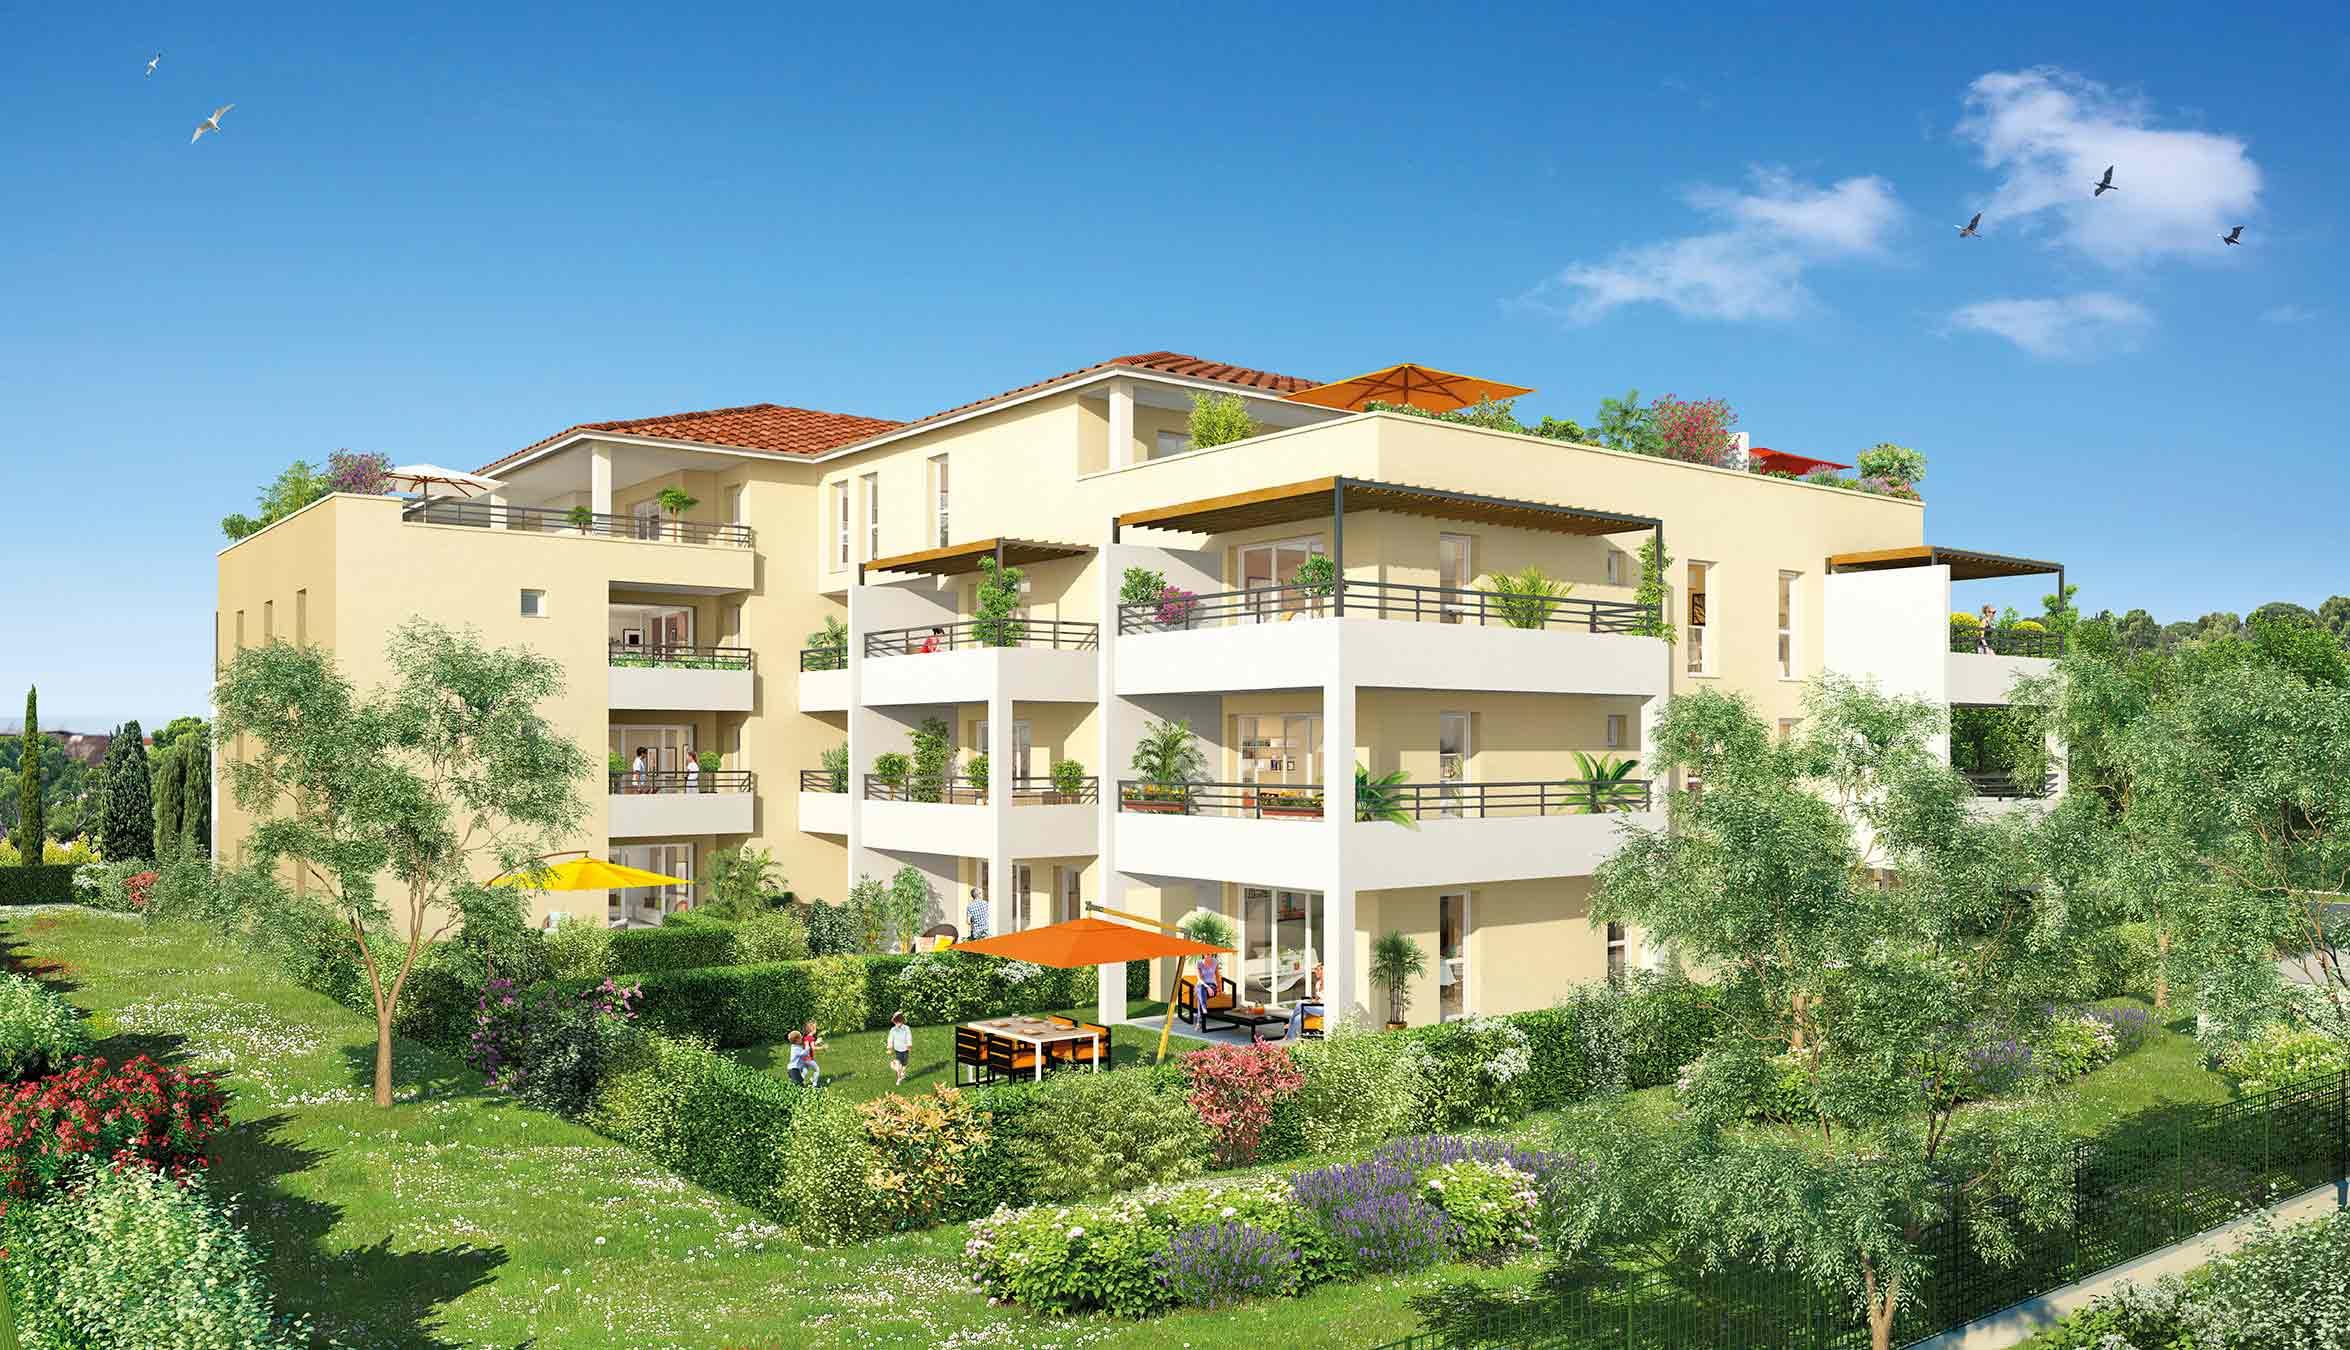 Un programme immobilier à Montpellier: ce sont les nouveaux propriétaires qui en parlent le mieux